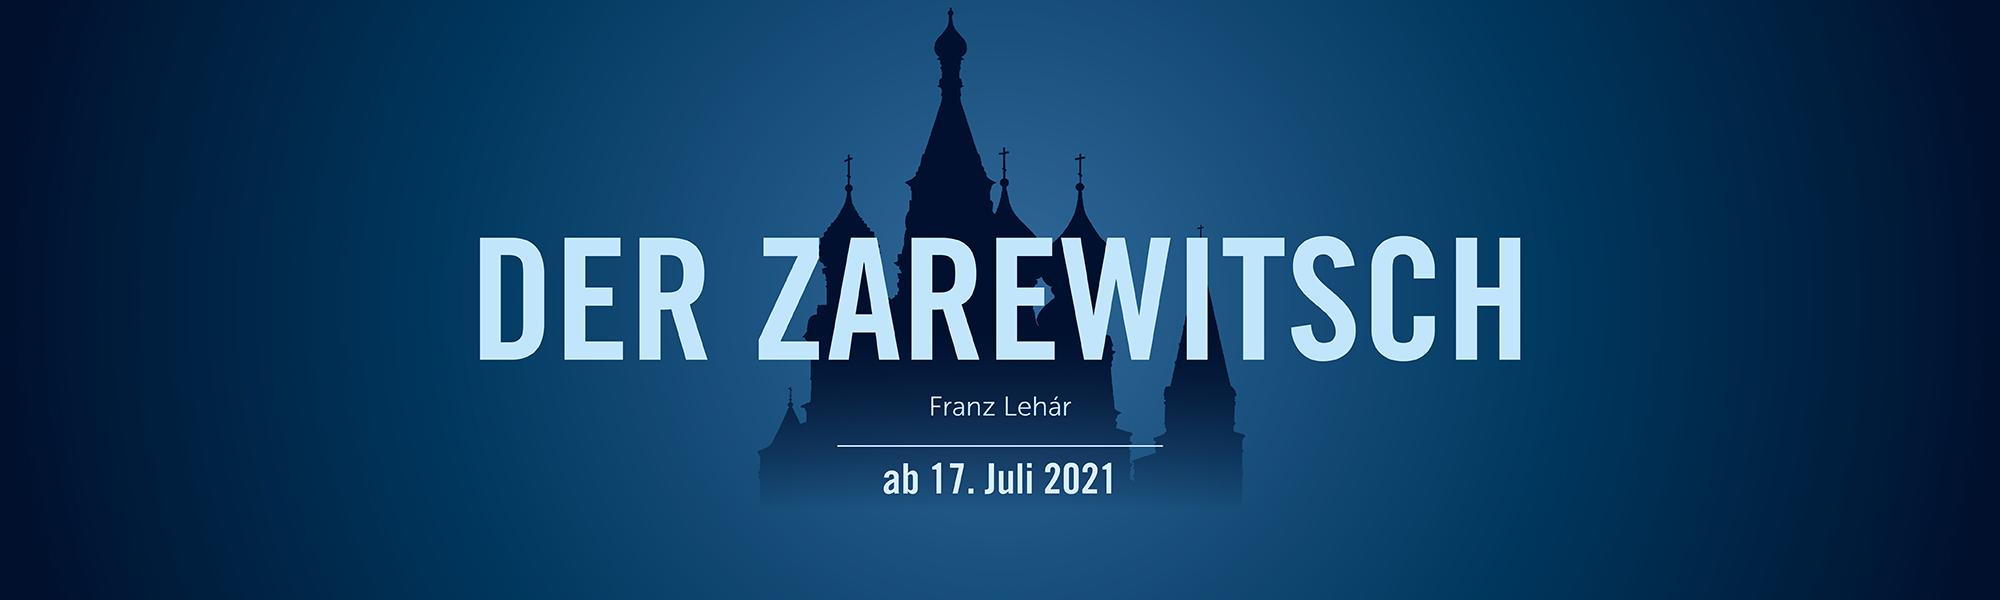 Der Zarewitsch 2021 (Slider)